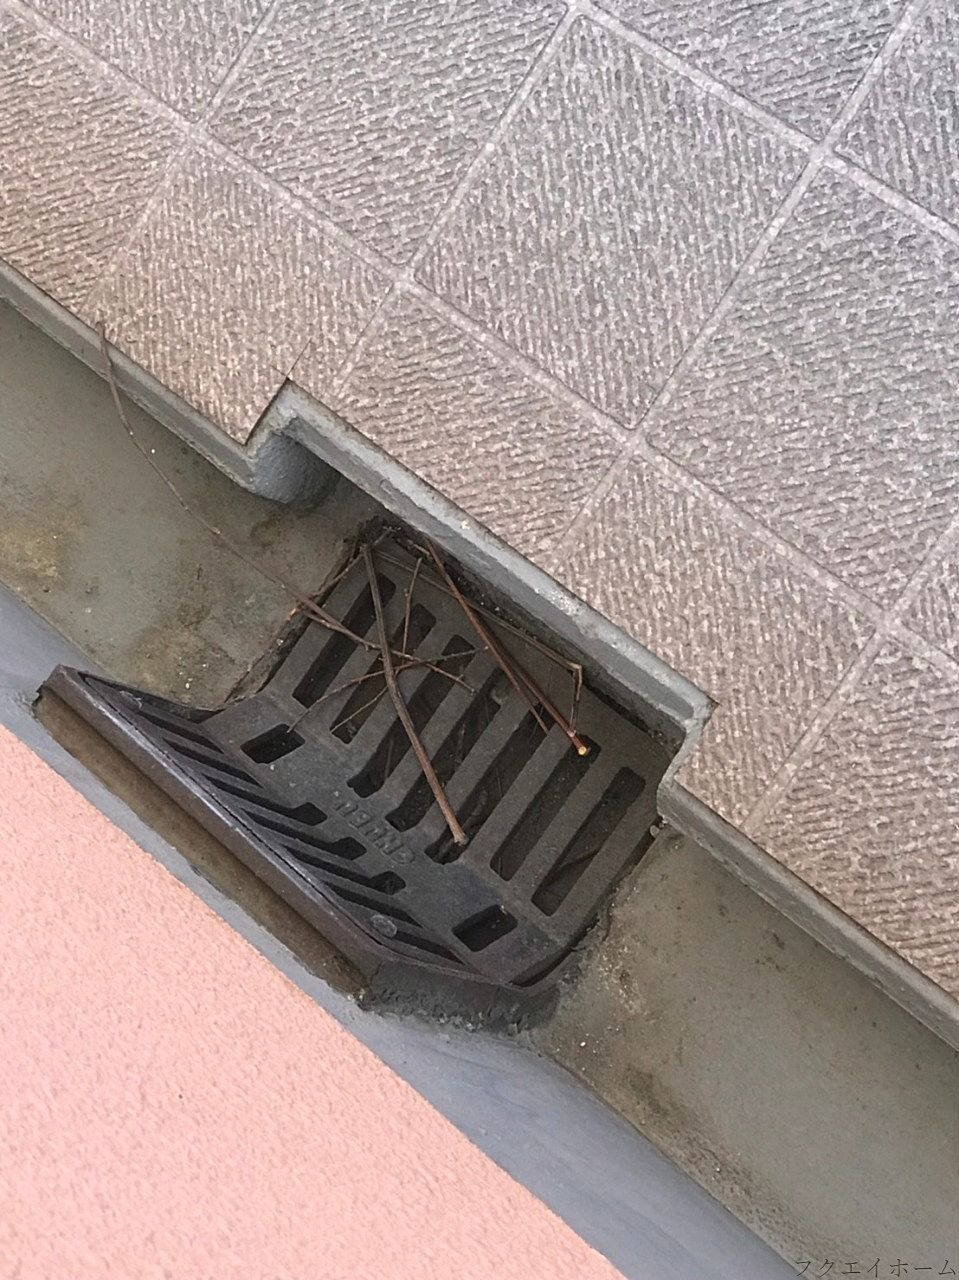 マンション通路の側溝でハトが巣をつくっている